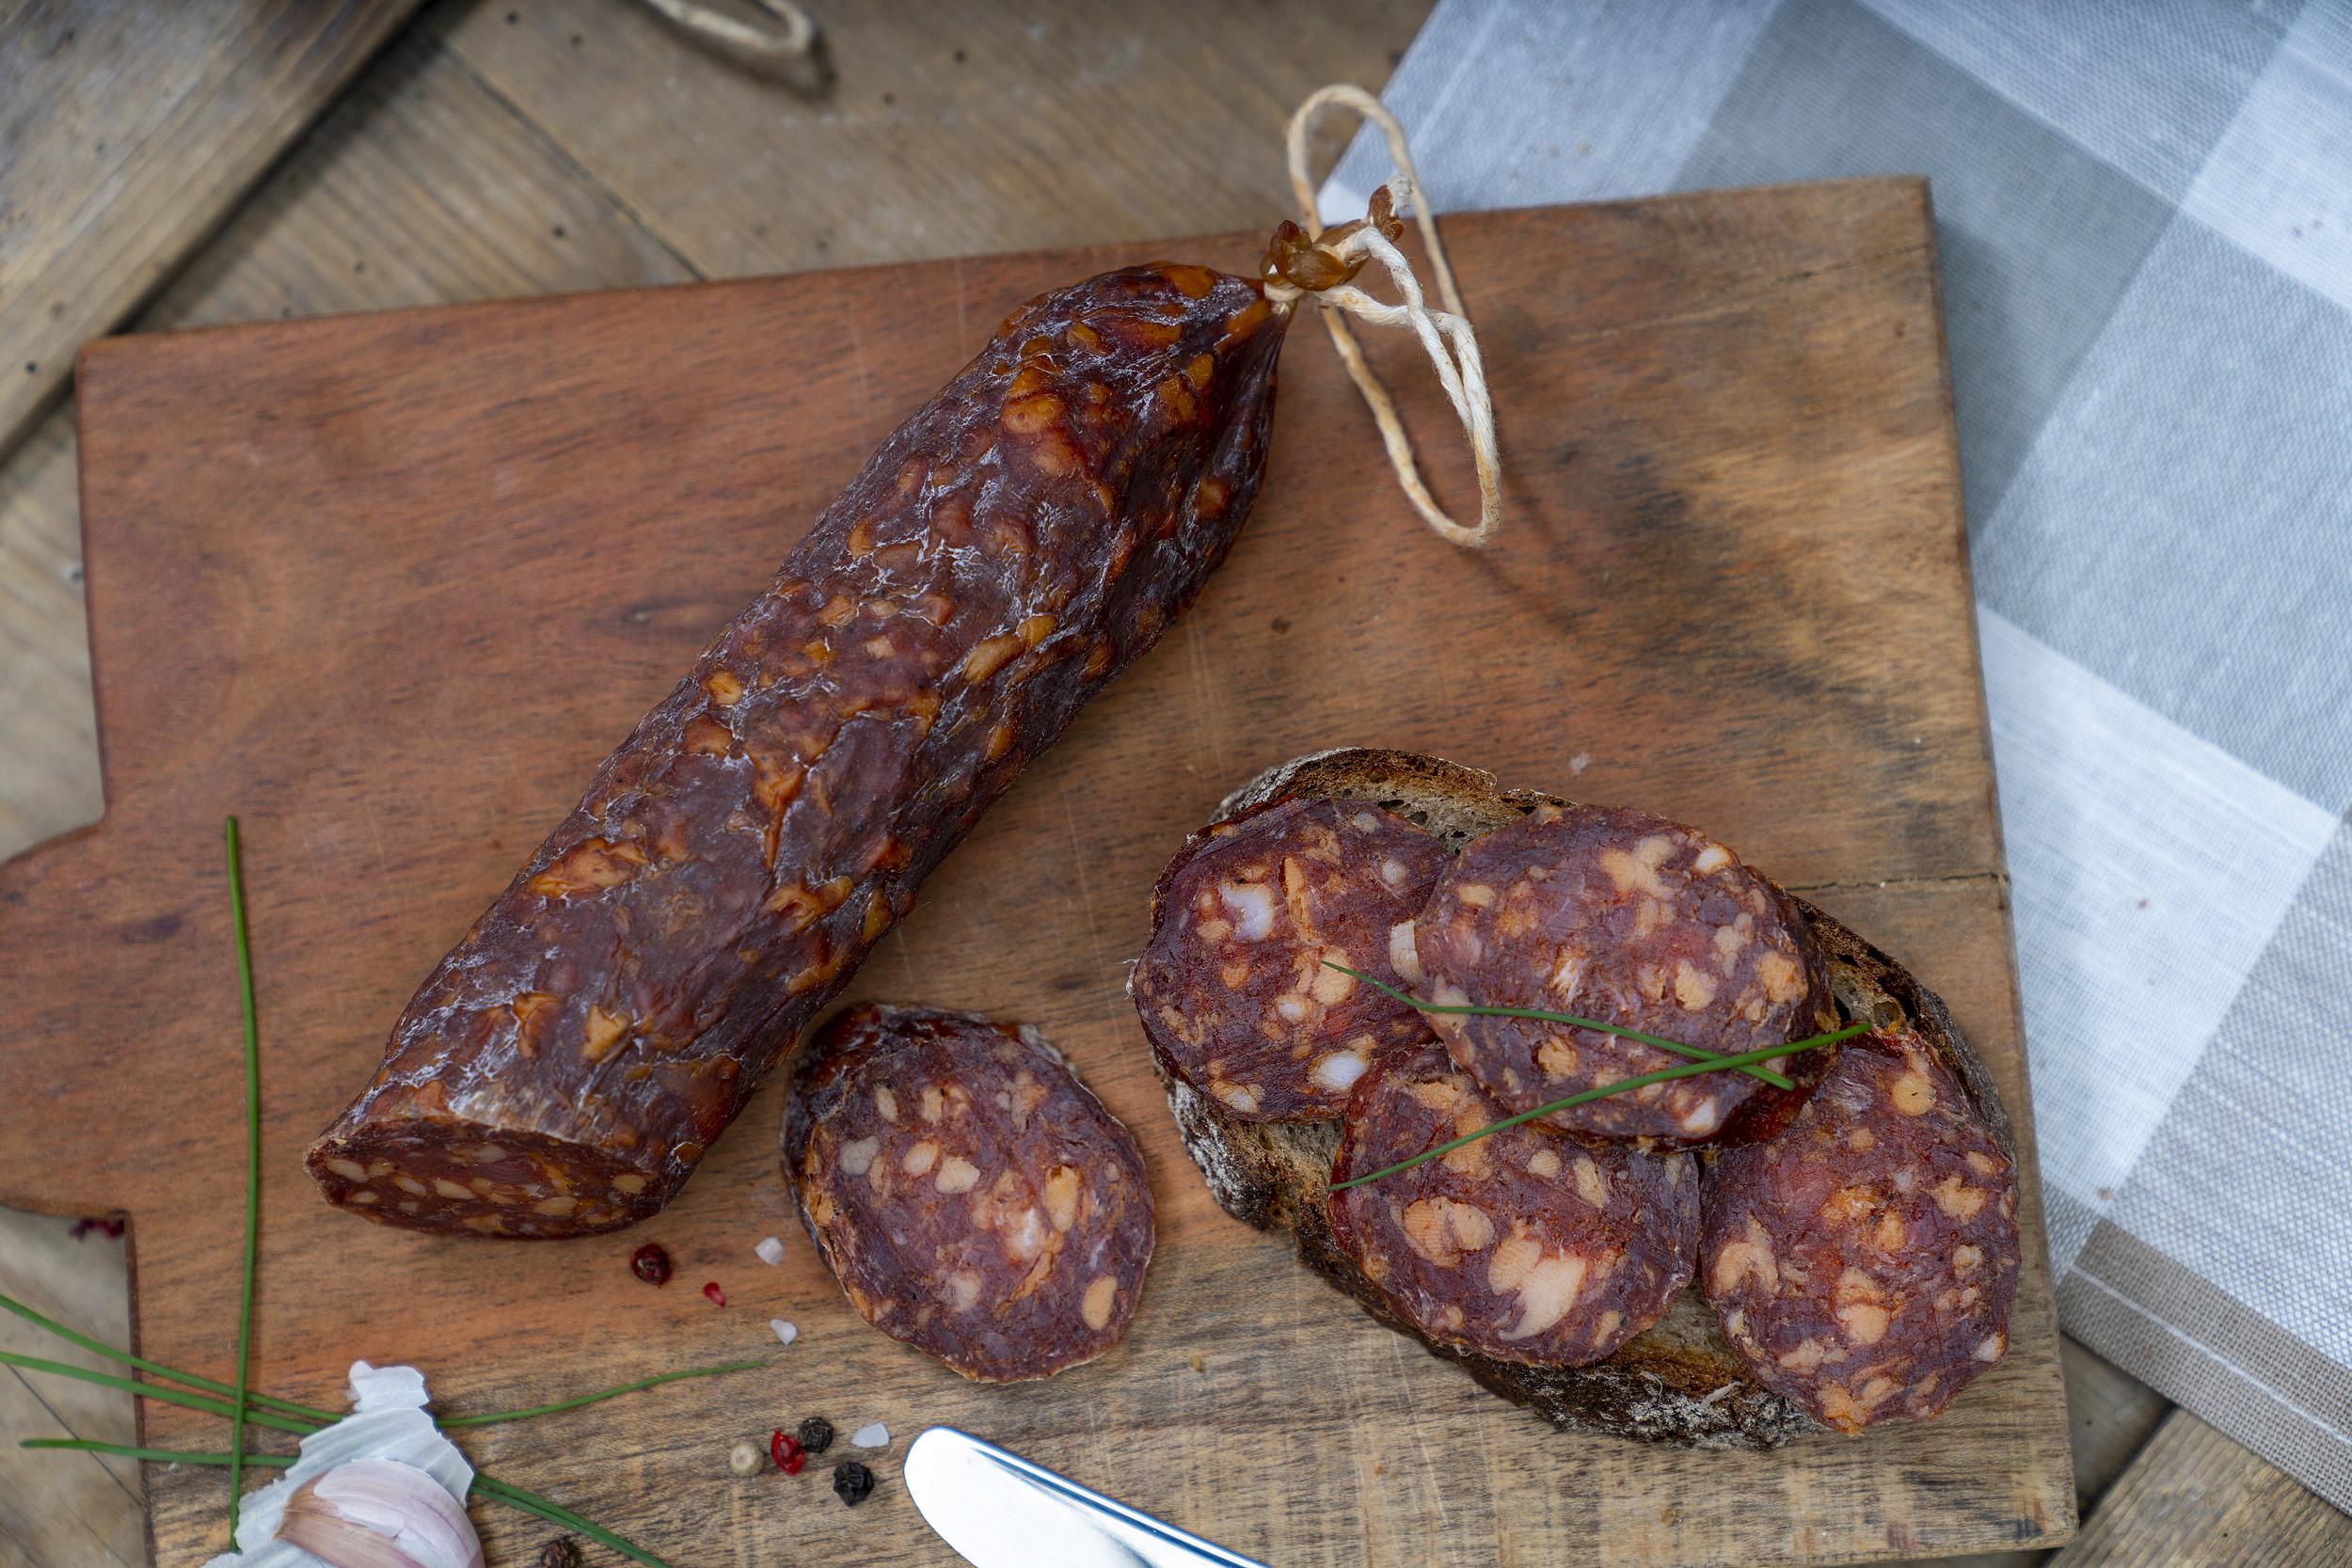 Angeschnittene Ungarische Salami auf einem Brett. Daneben eine Schnitte mit der Wurst und Gewürze.